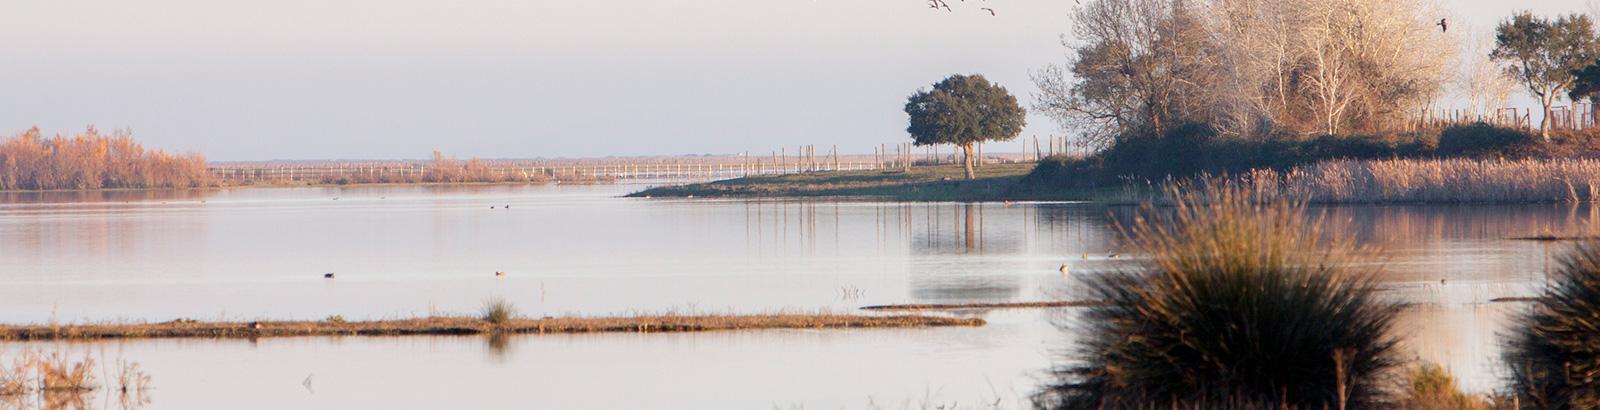 Doñana natural park